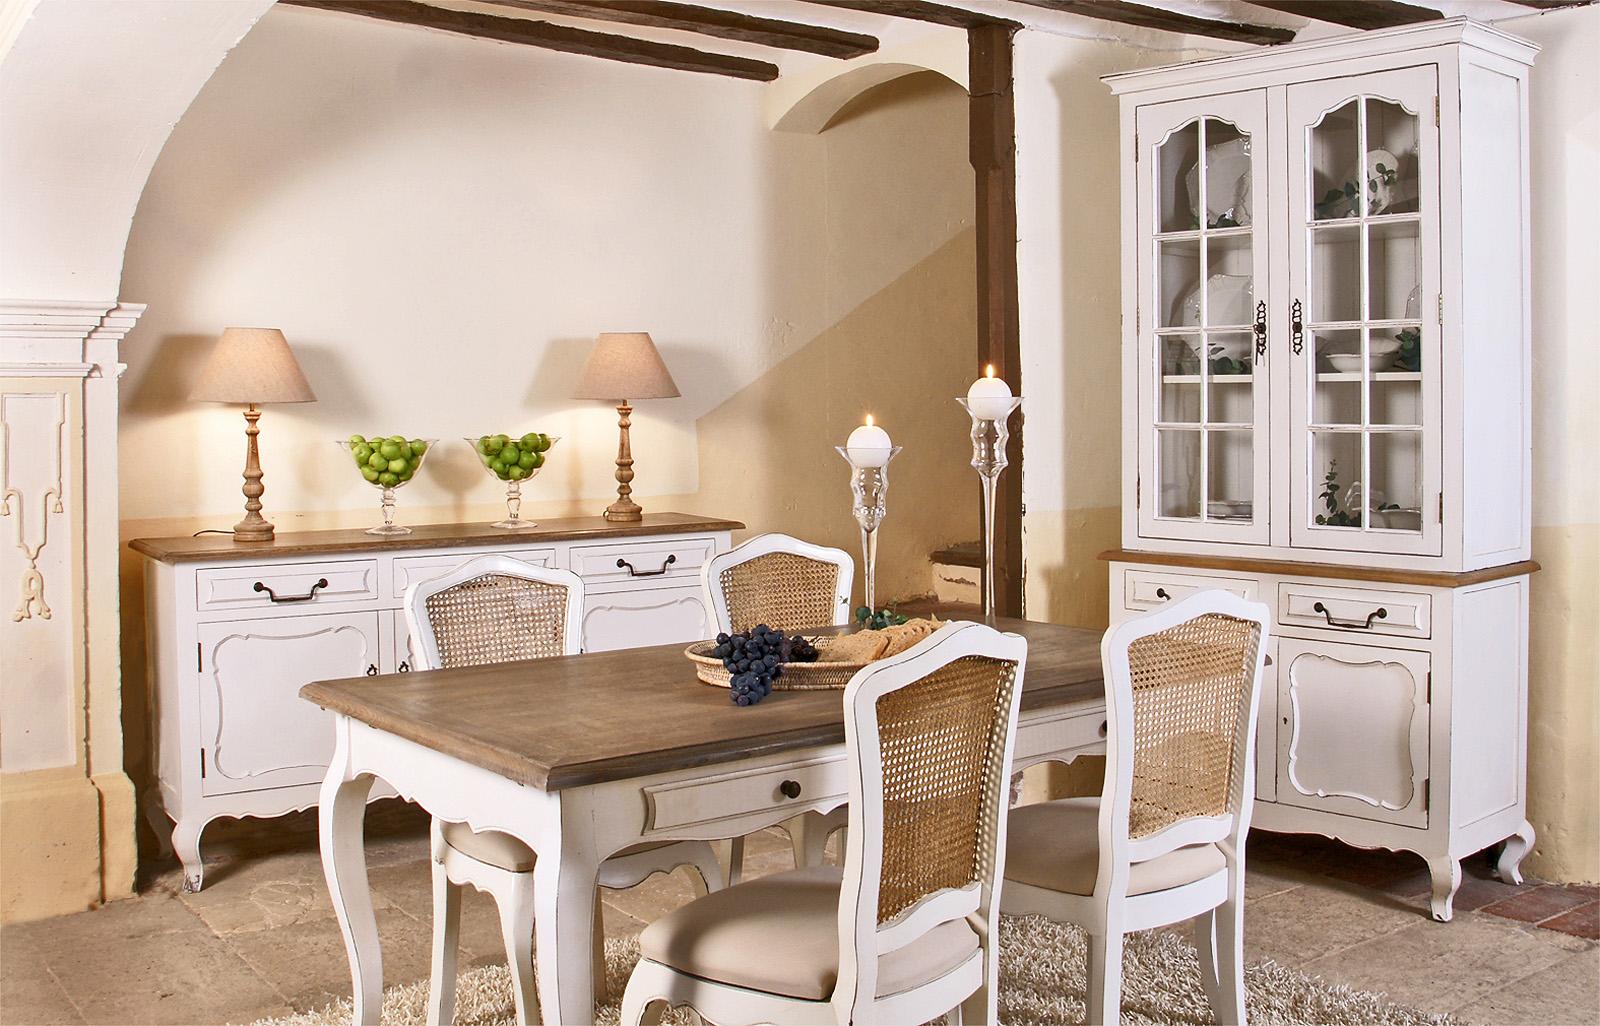 Бело-коричневая мебель для столовой в стиле кантри